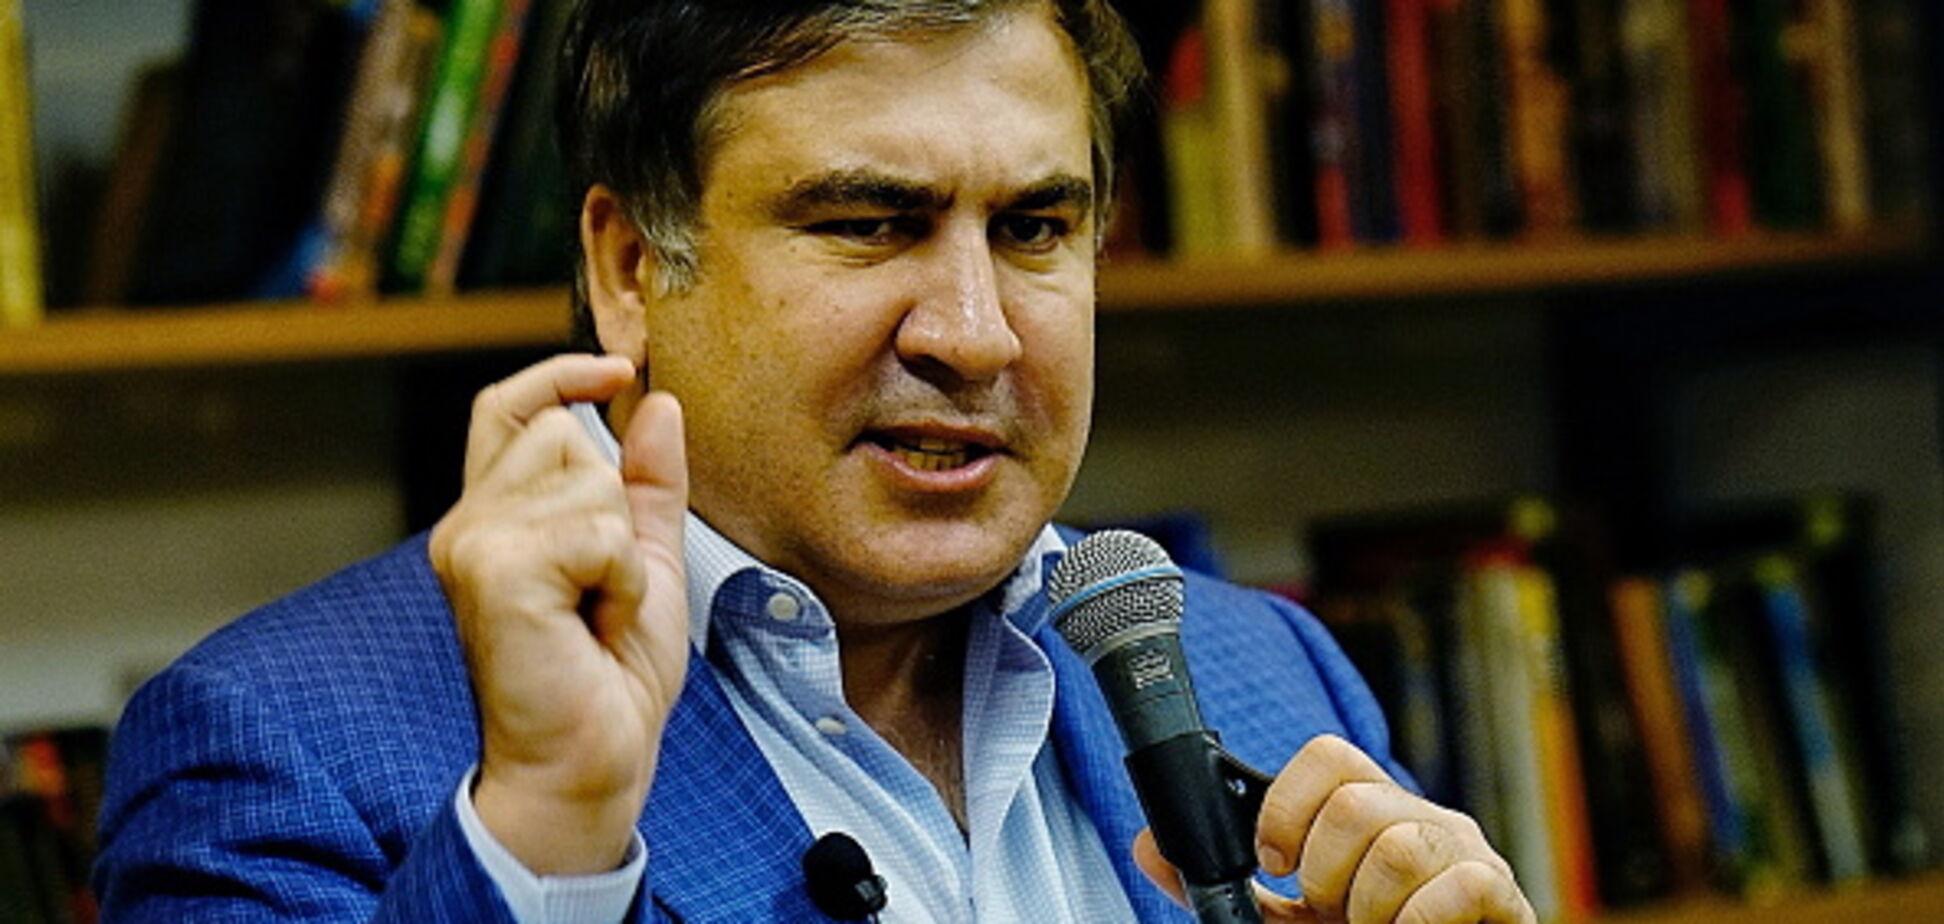 Мимика подвела: Саакашвили растерялся, отрицая встречу с Коломойским